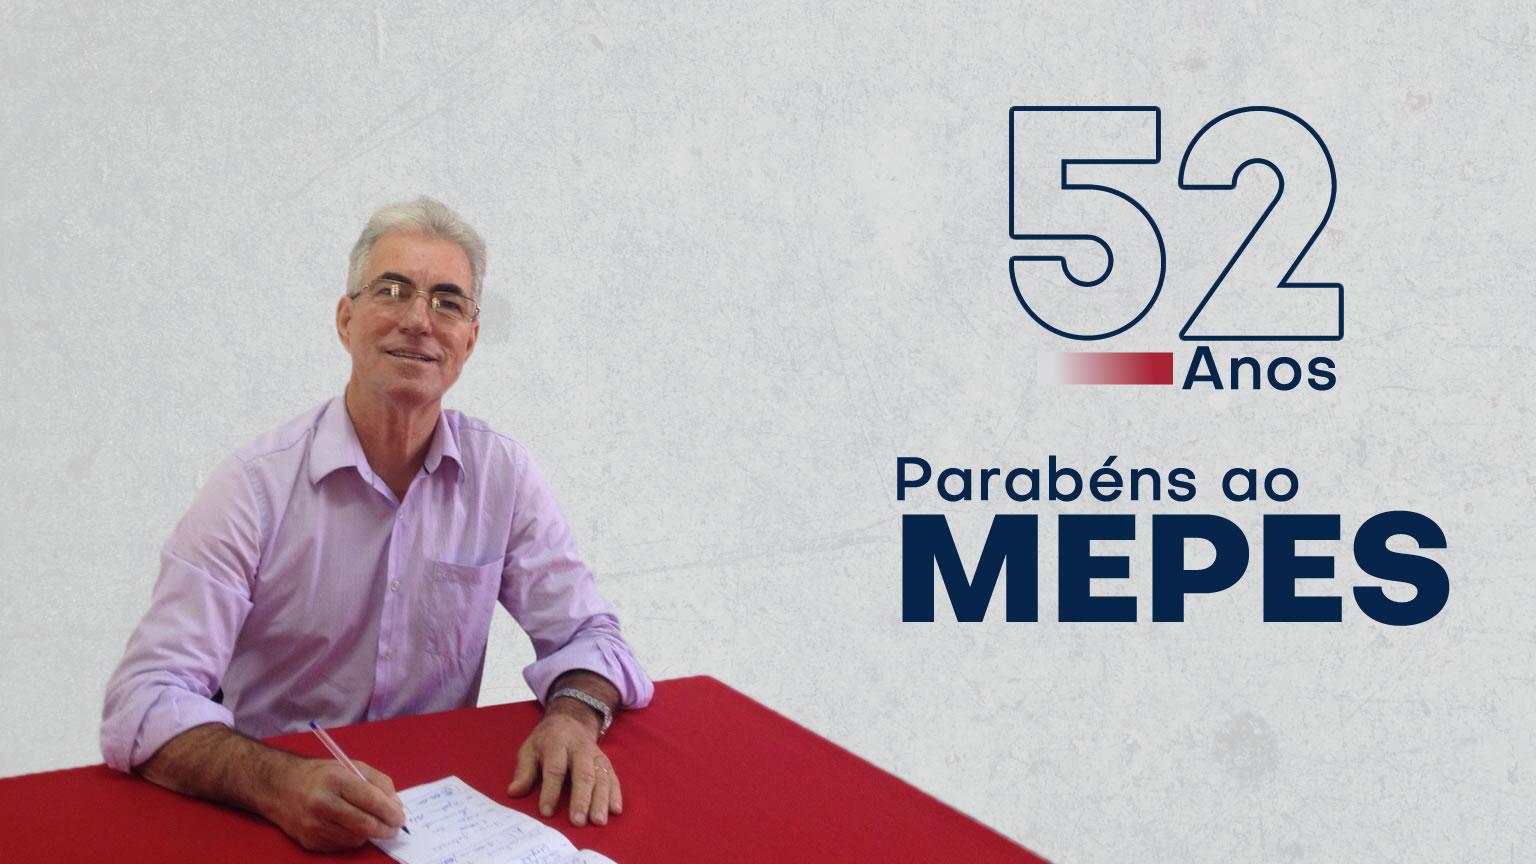 MEPES completa 52 anos de caminhada